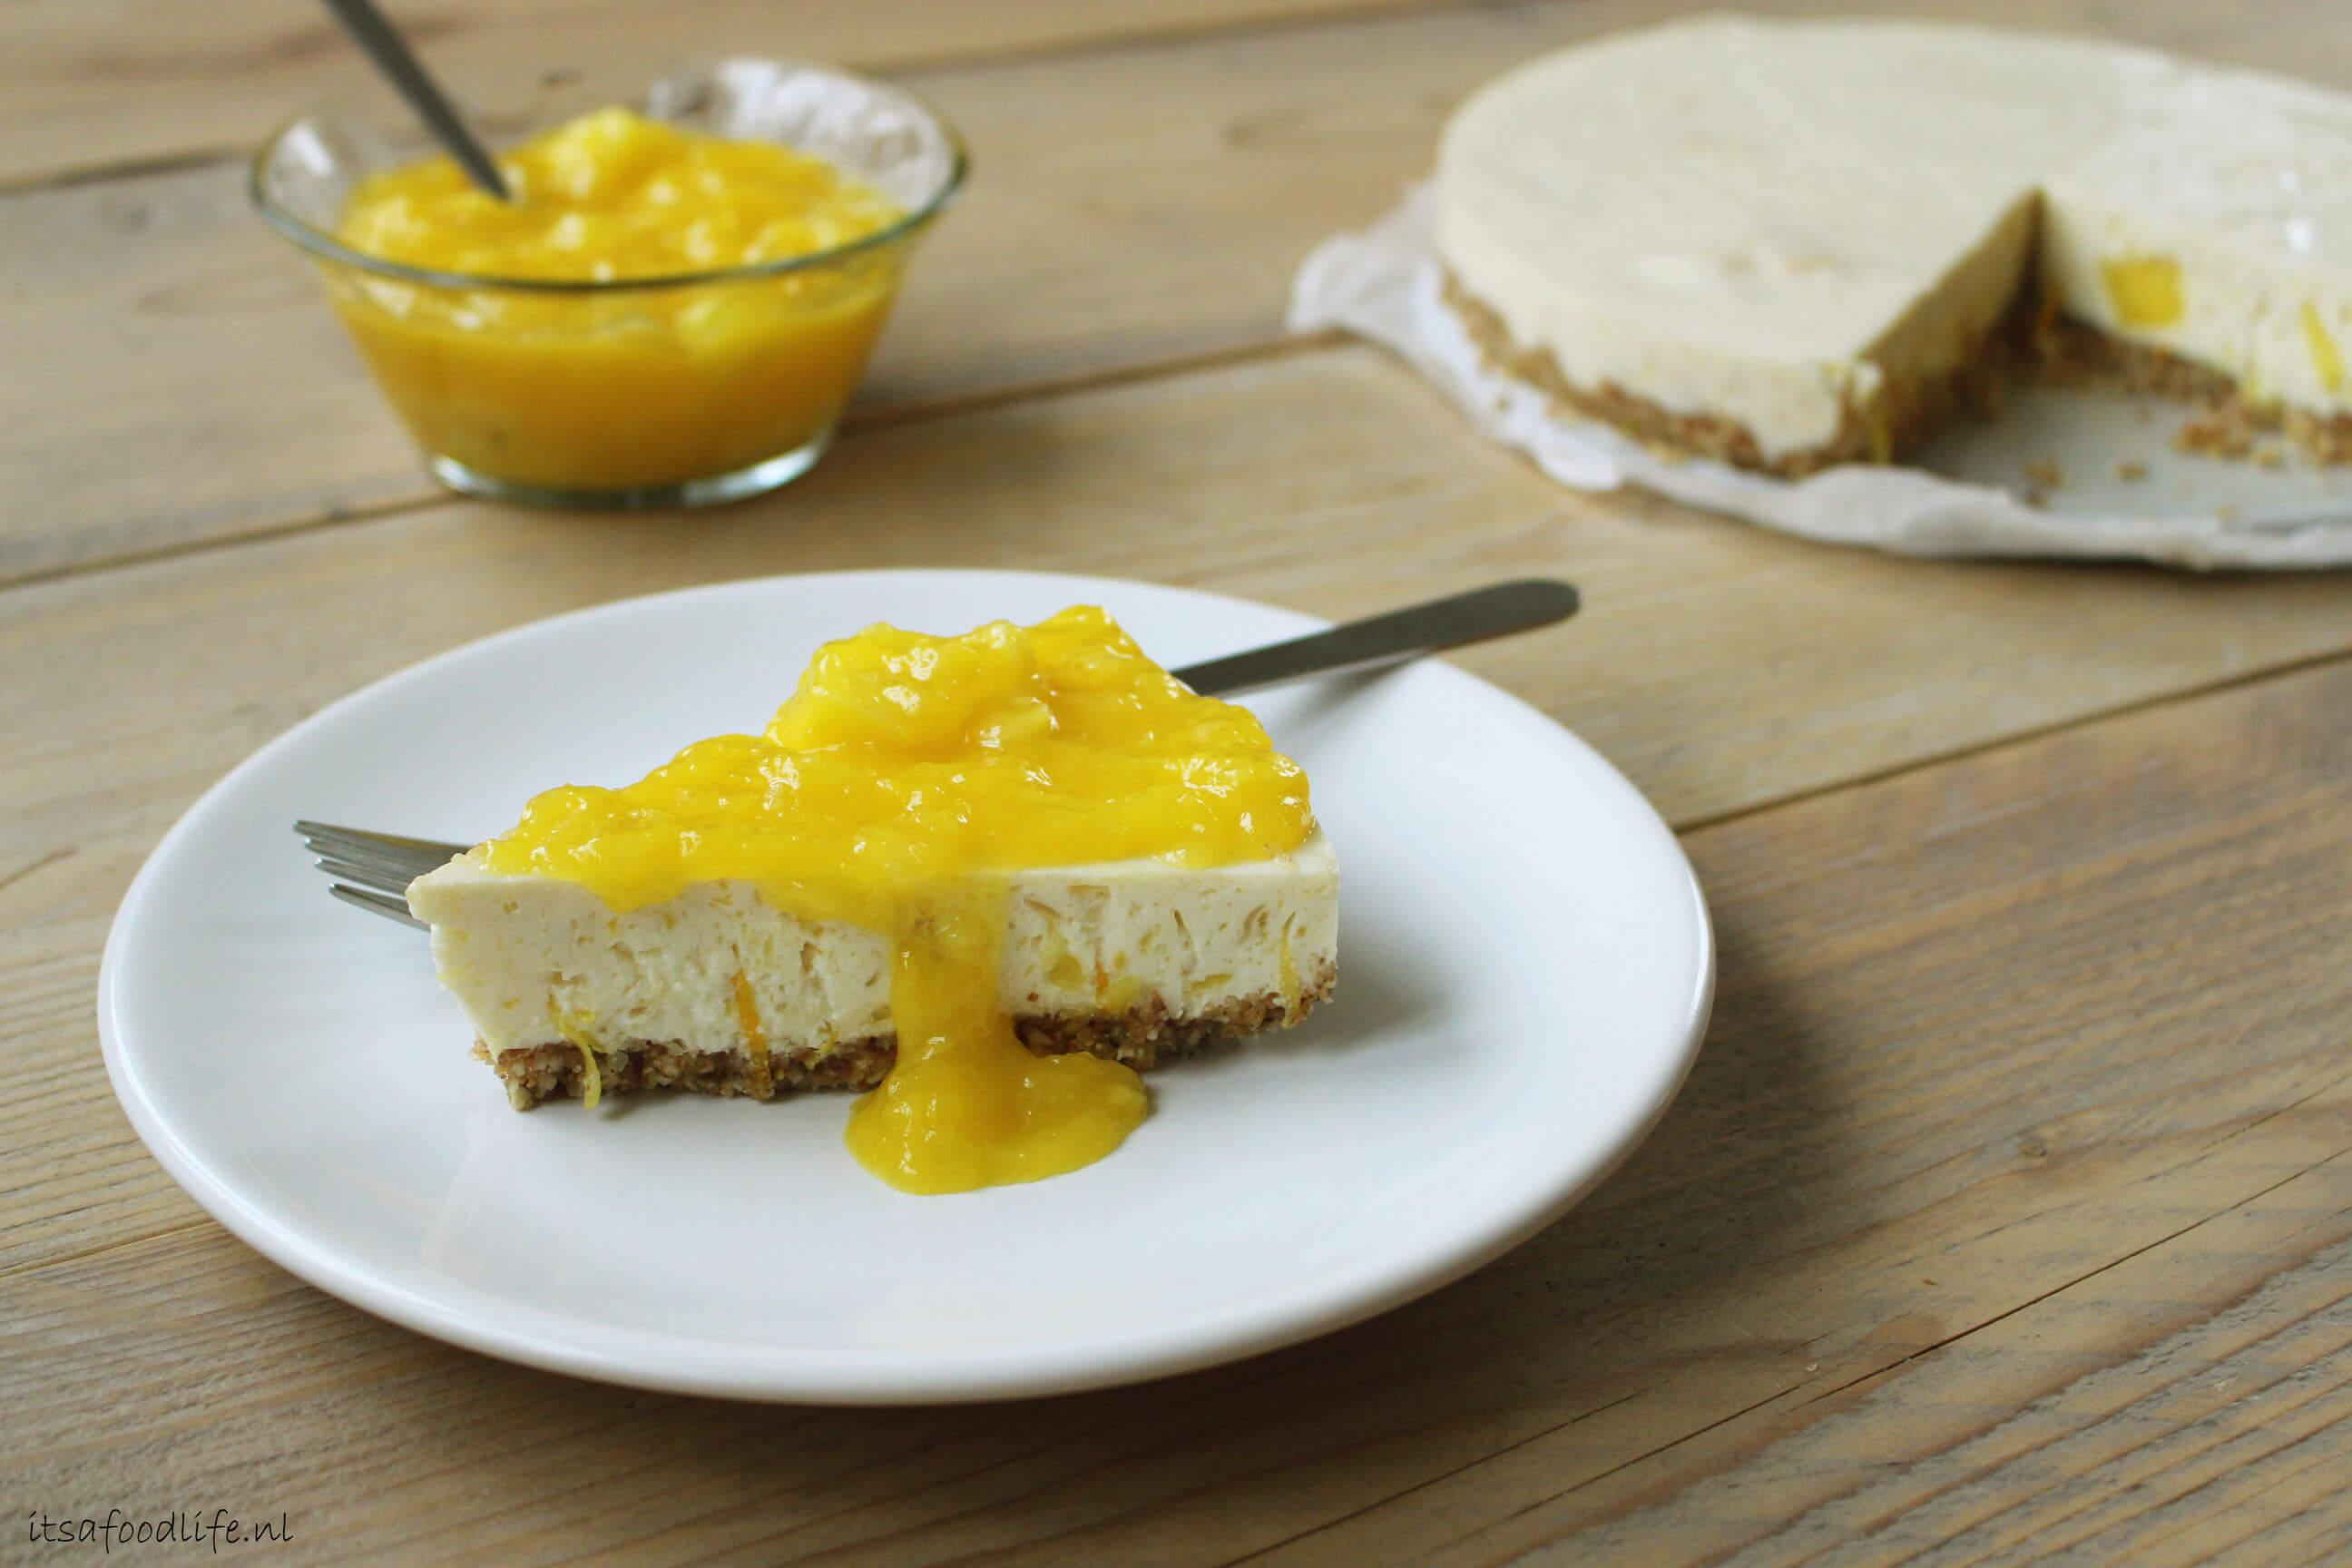 Ontbijt Mango kwarktaart met agar agar | It's a Food Life